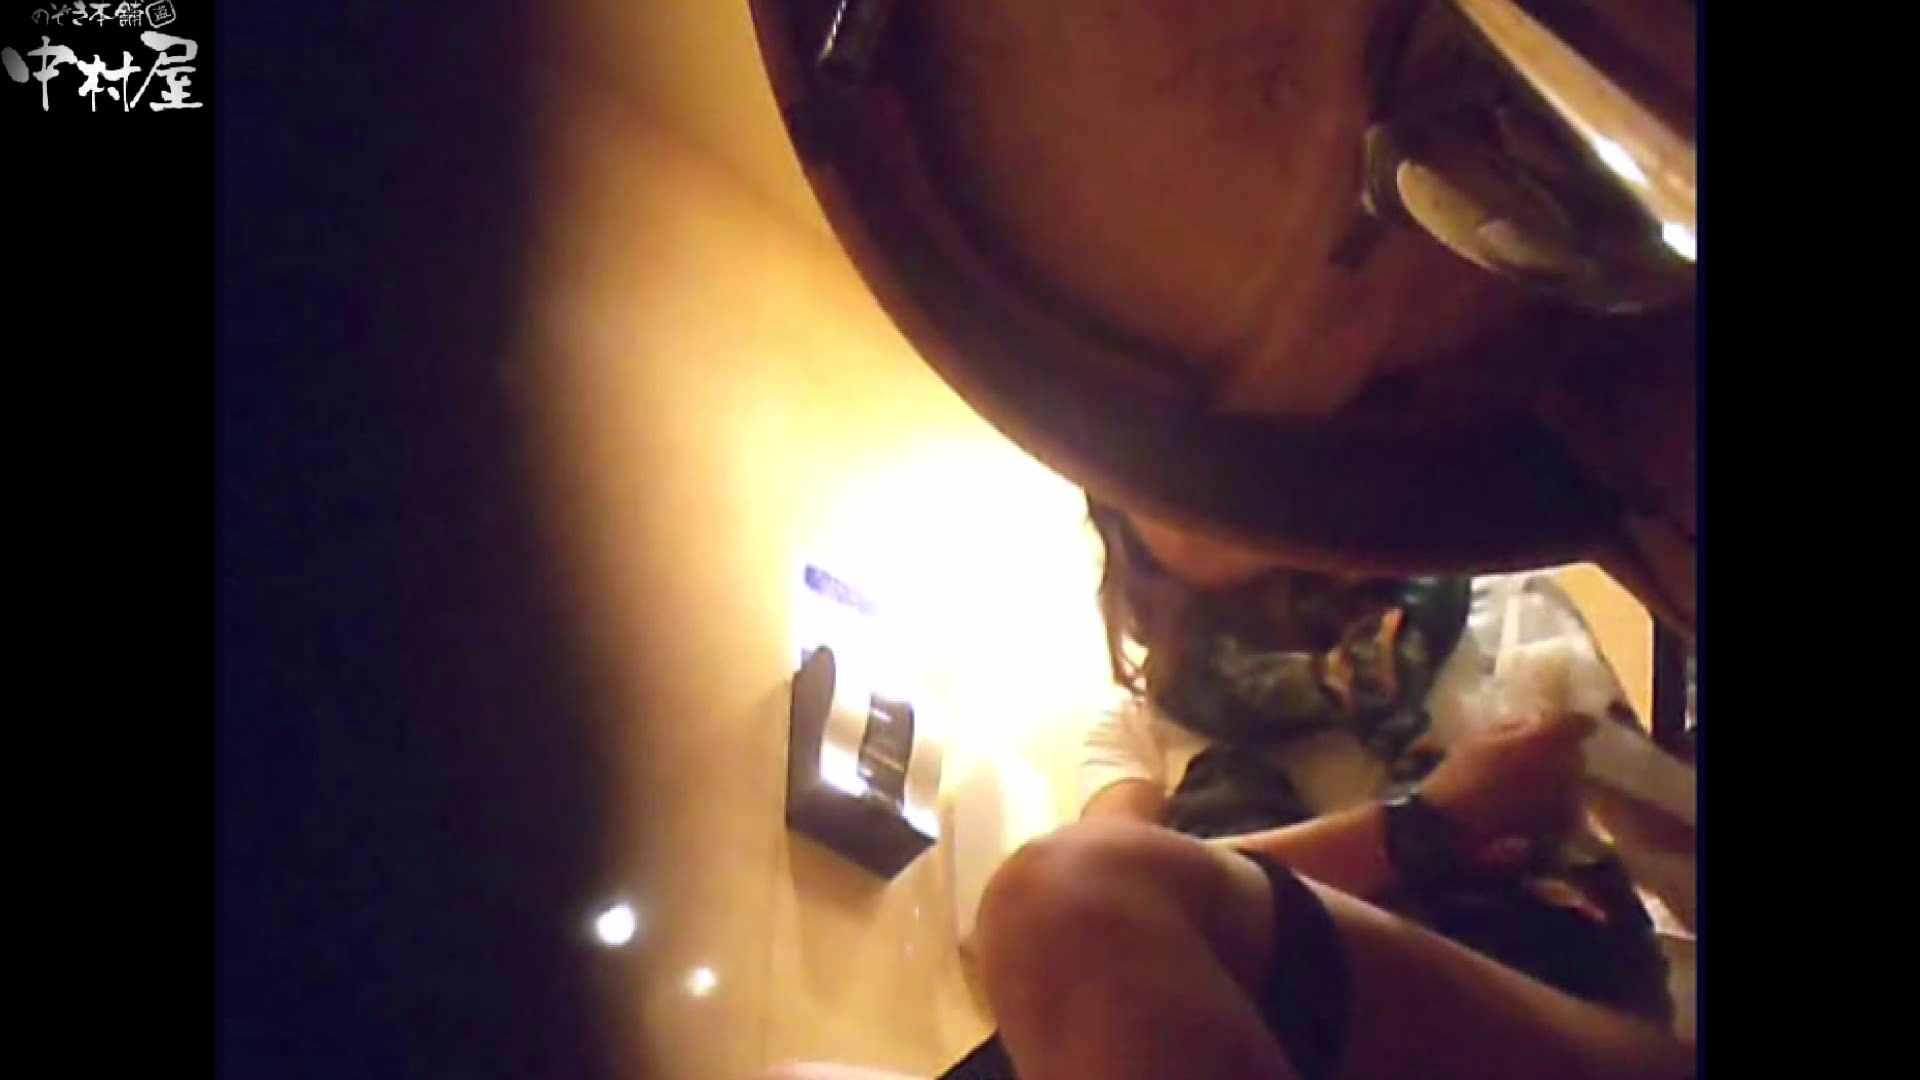 突撃!女子化粧室の真実vol.43前編 OLエロ画像 盗撮アダルト動画キャプチャ 88PICs 83